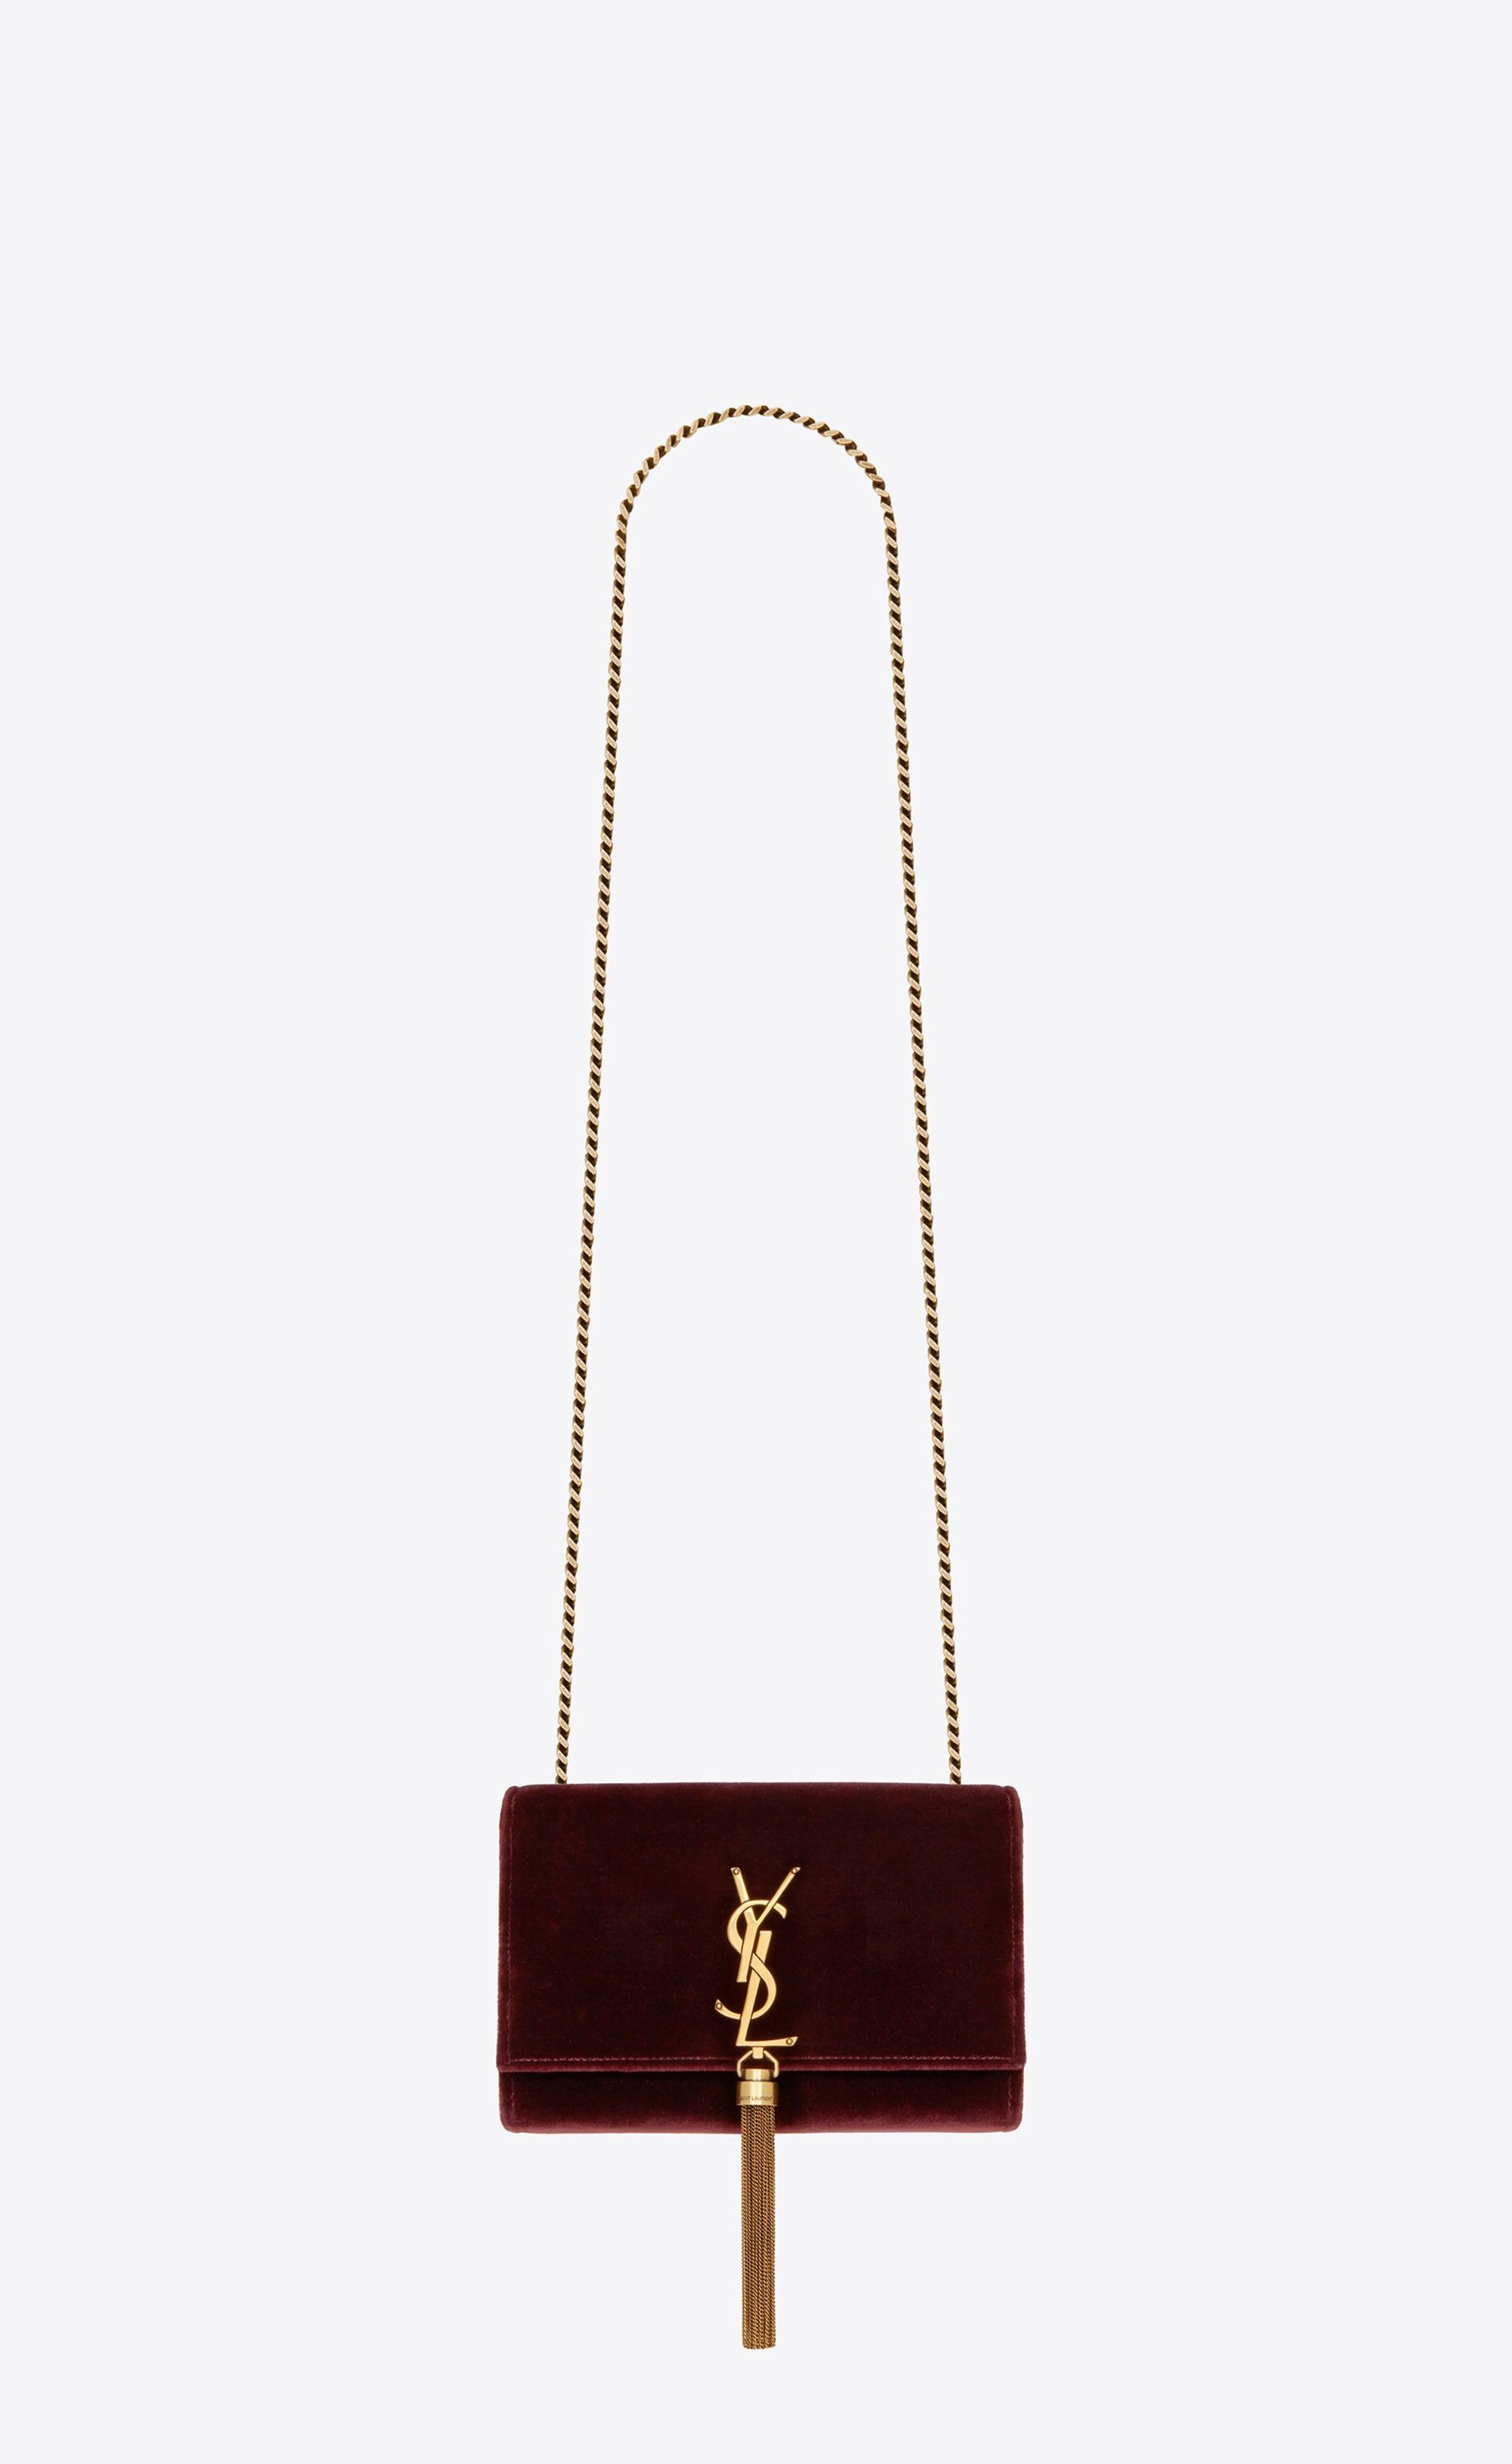 436fc99c9e56 Saint Laurent Small Kate Chain And Tassel Bag In Dark Red Velvet